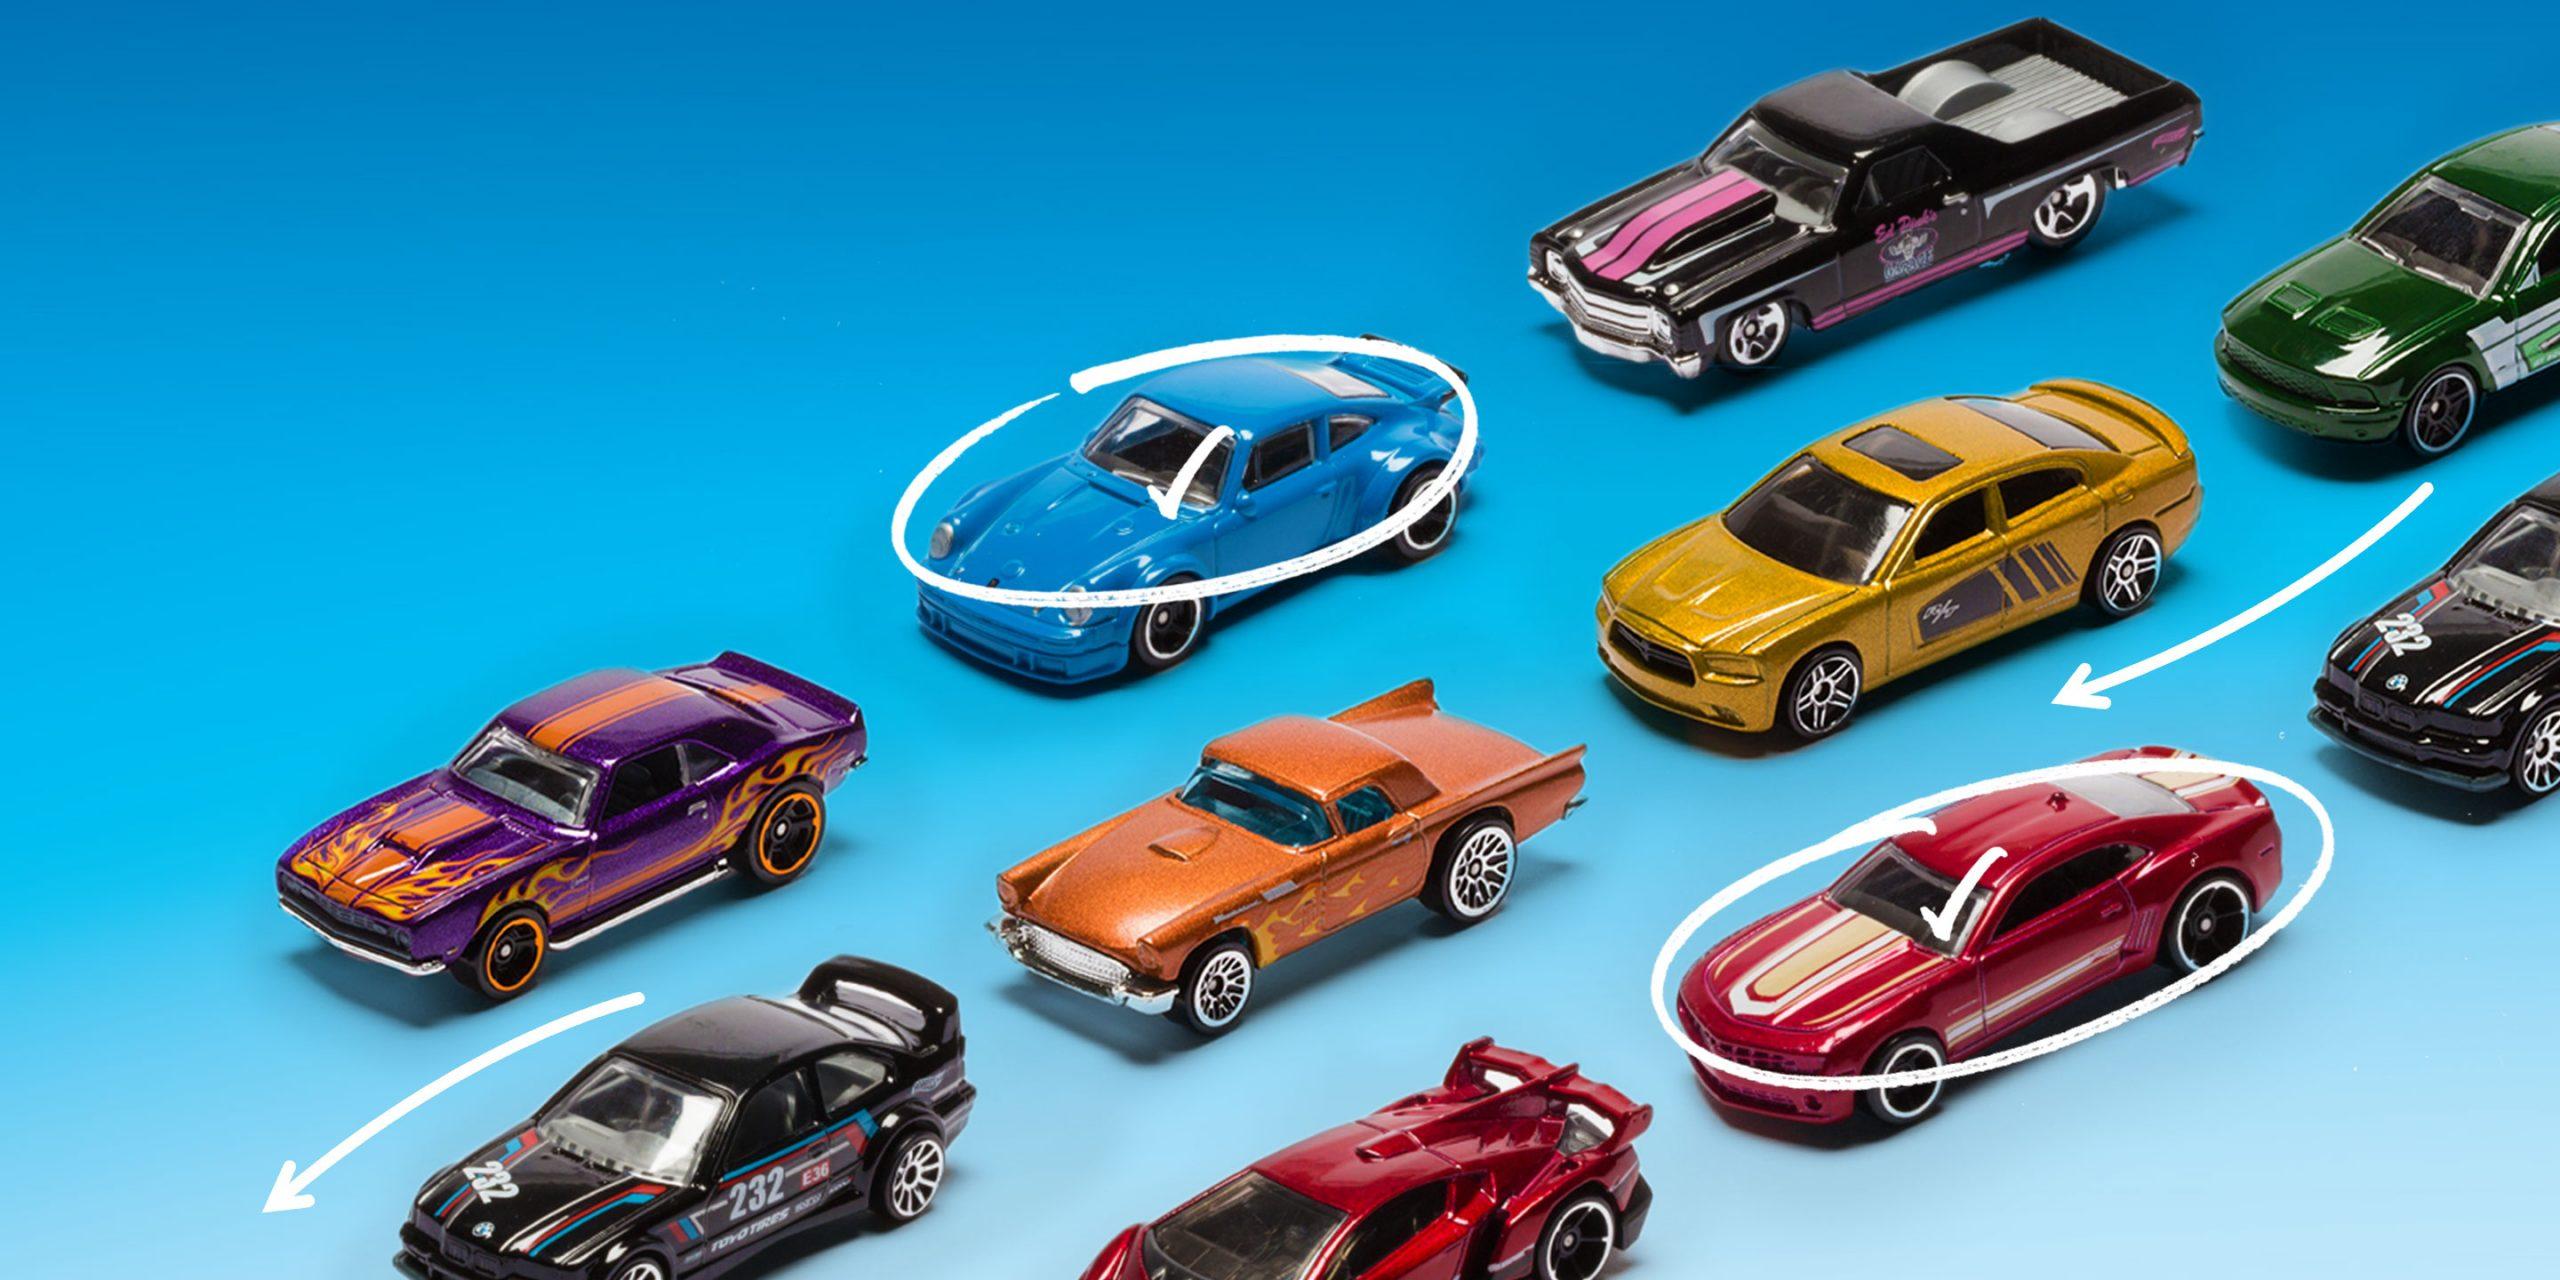 Jeux De Course Et De Voiture - Jeux Pour Enfants | Hot Wheels pour Jeux De Course De Voiture Pour Enfan